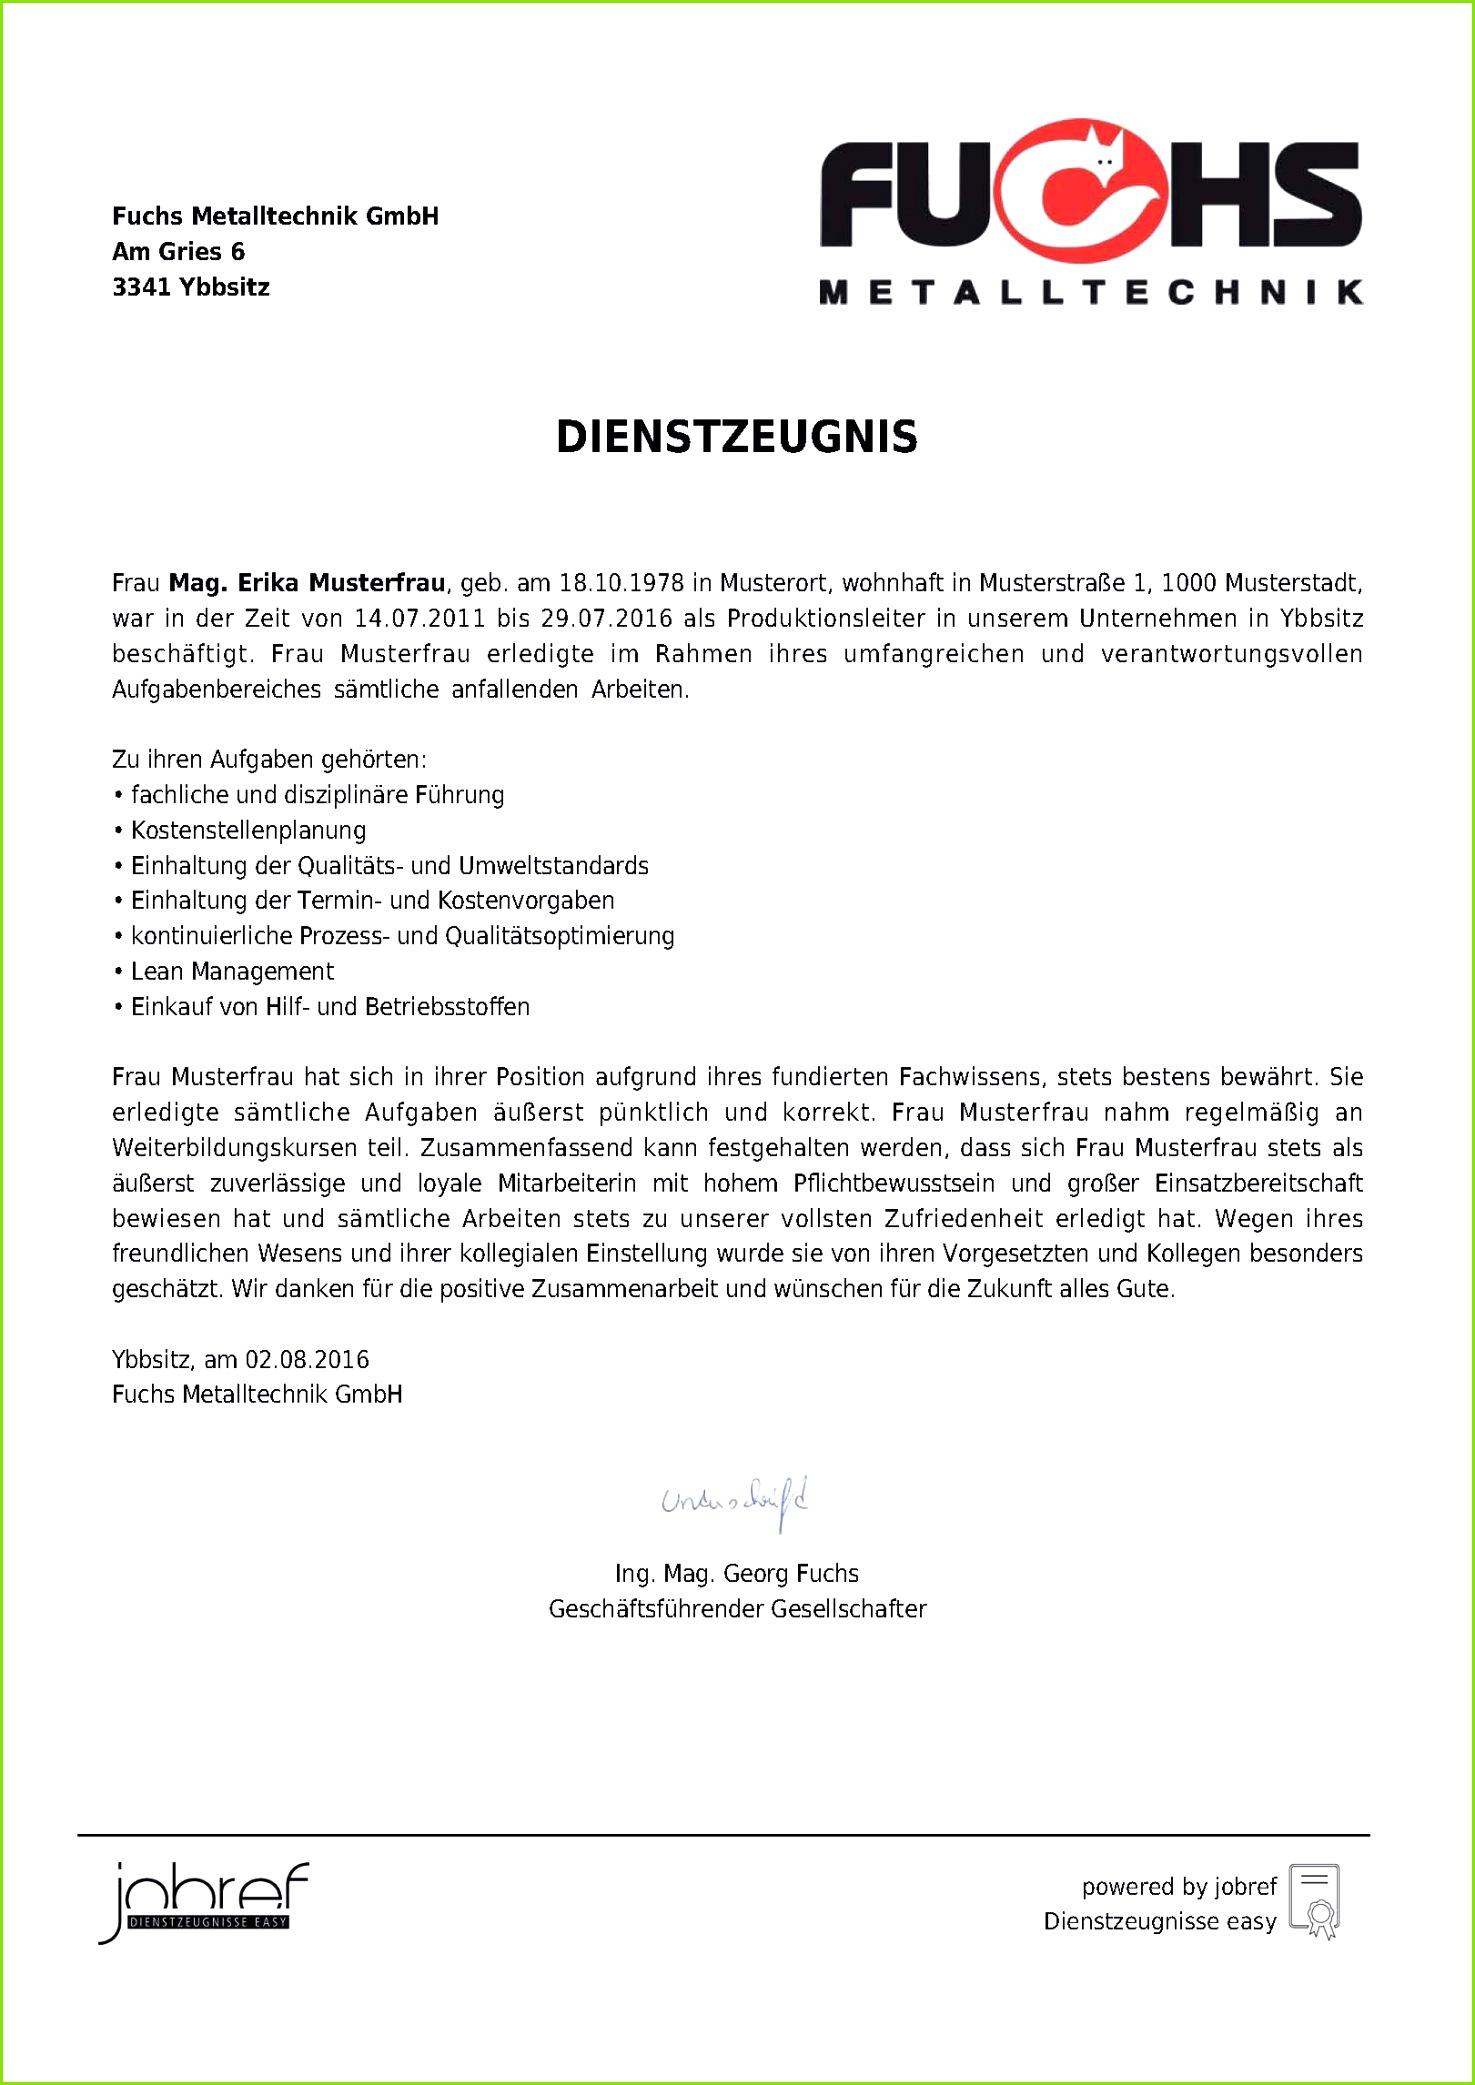 Schön Musterbriefe Referenz Galerie Bilder für das Lebenslauf Gemütlich Professionelle Referenzen Vorlage